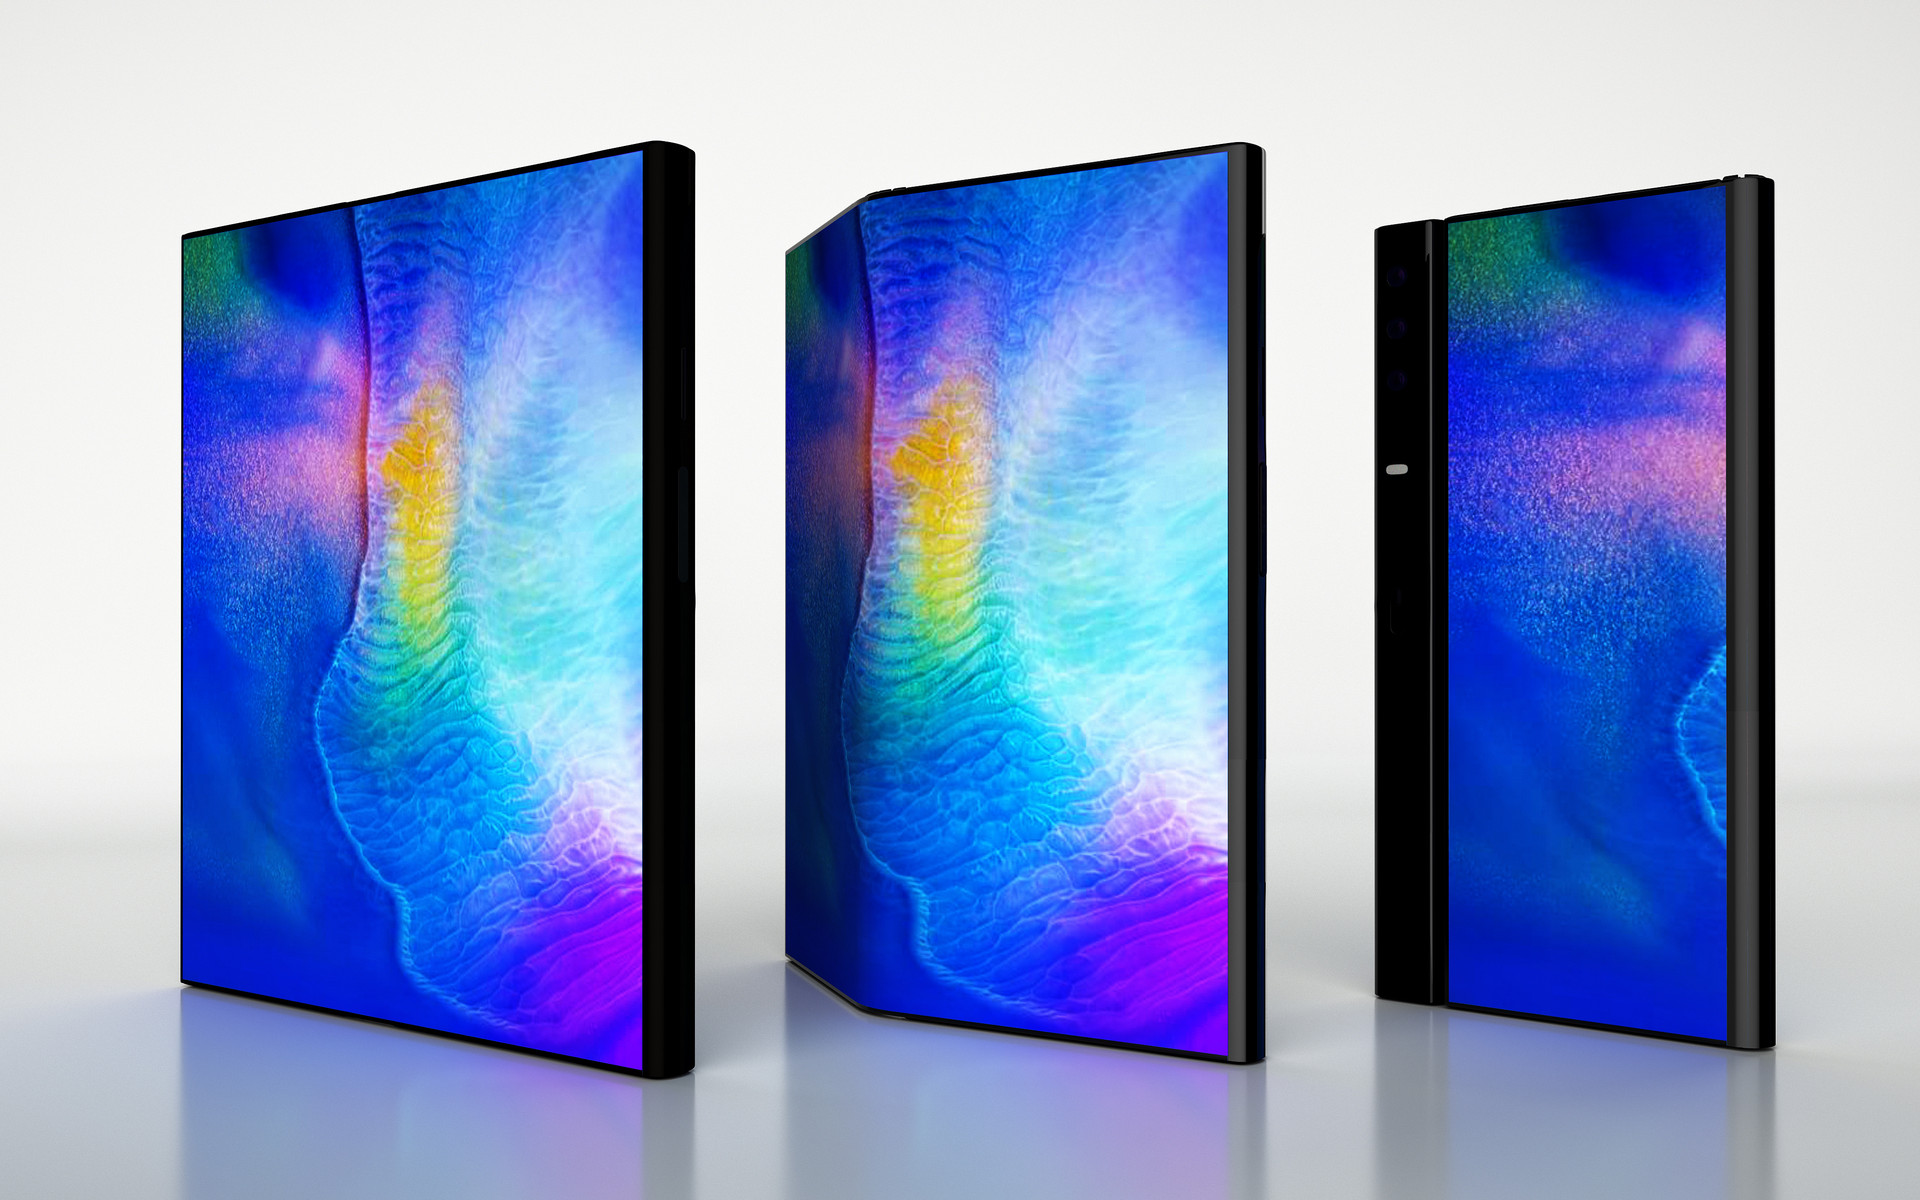 据市场分析 2024年折叠屏手机出货量将达到5000万